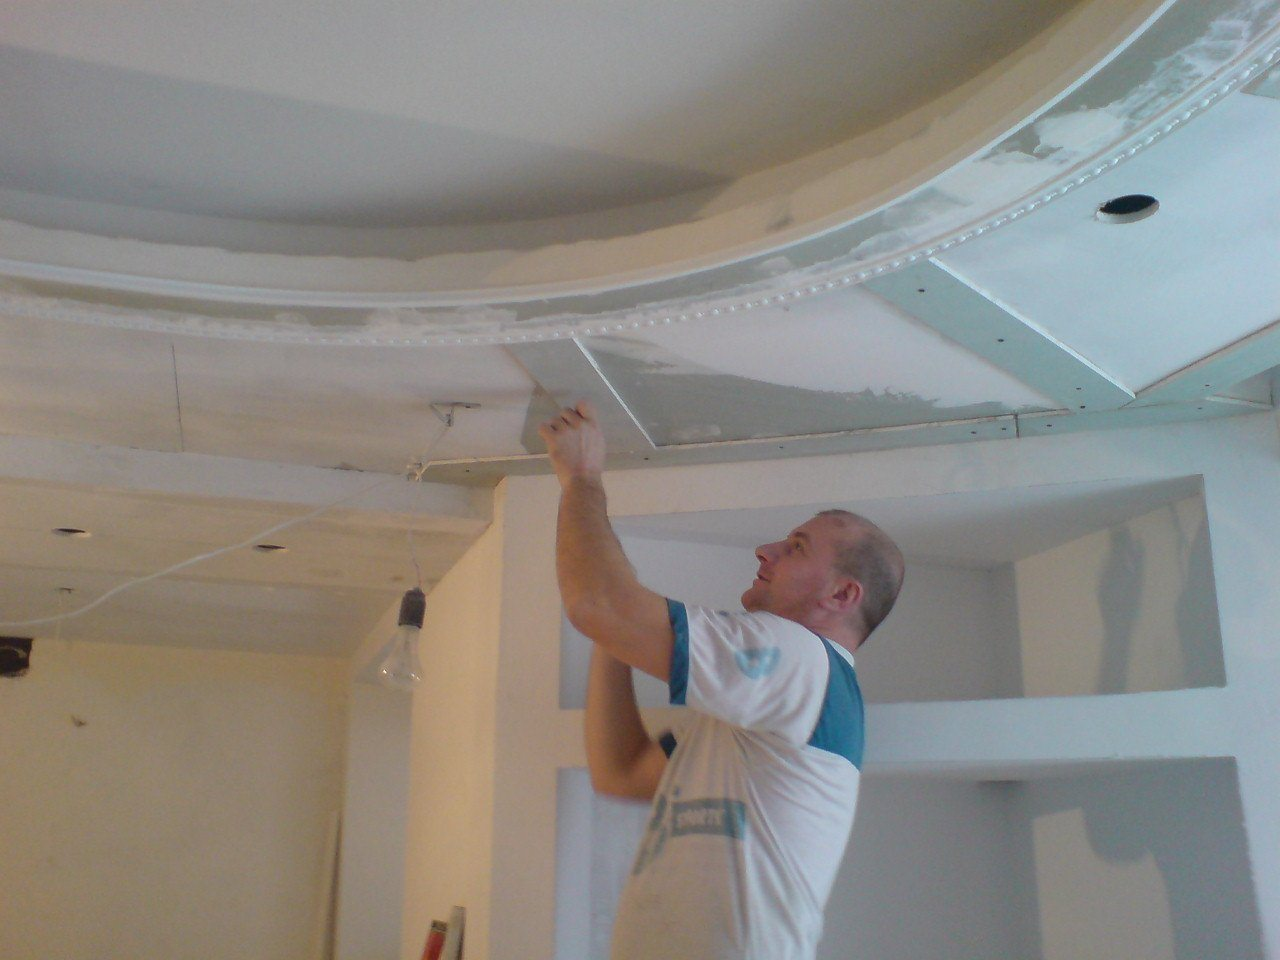 фотик вскинул как сделать навесной потолок своими руками фото это